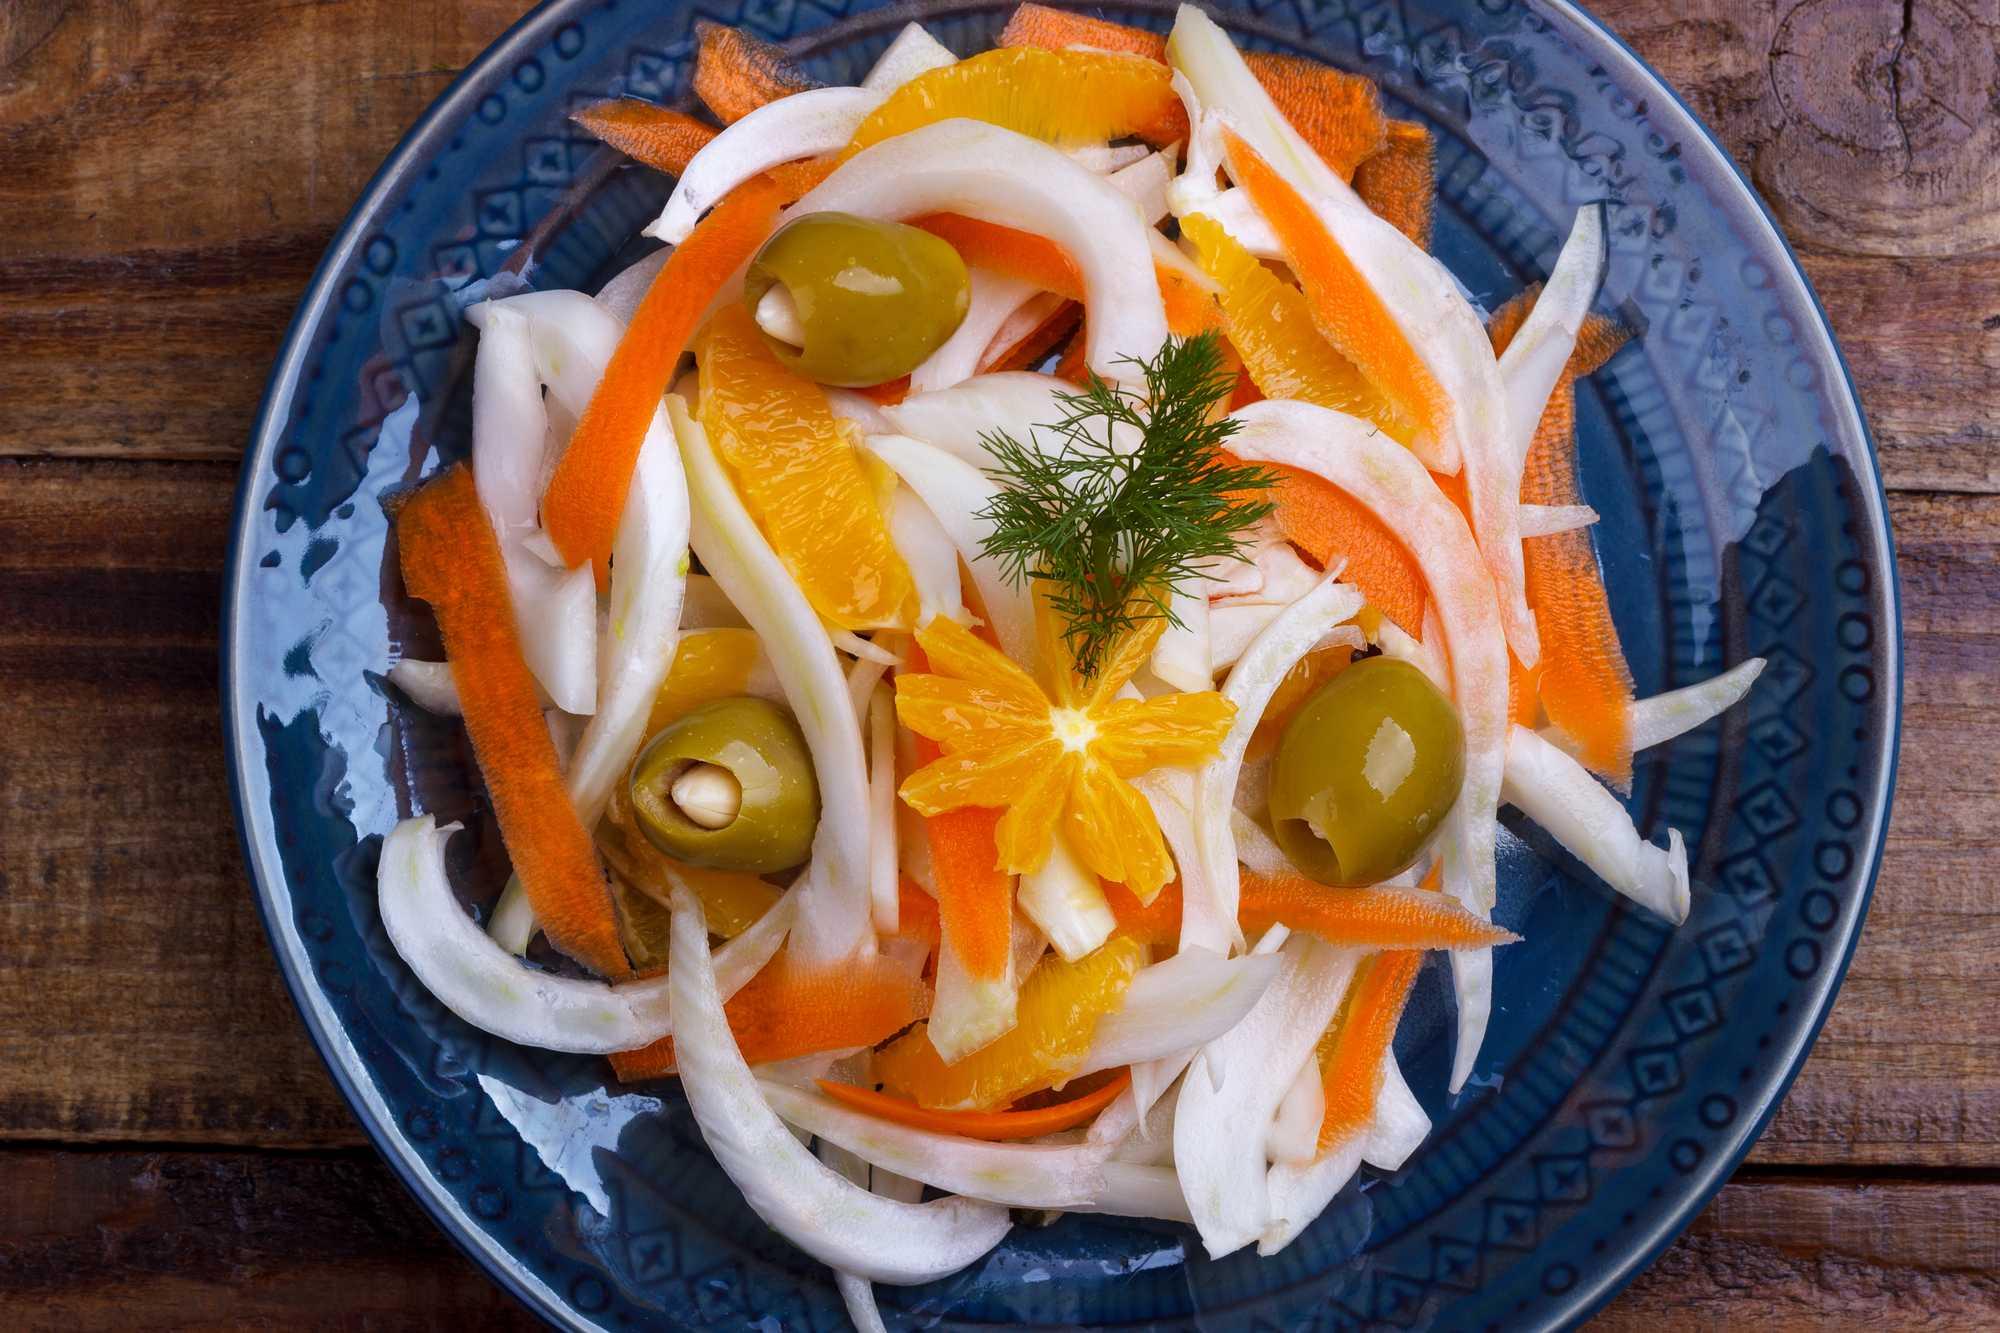 Салат меркурий рецепт с фото